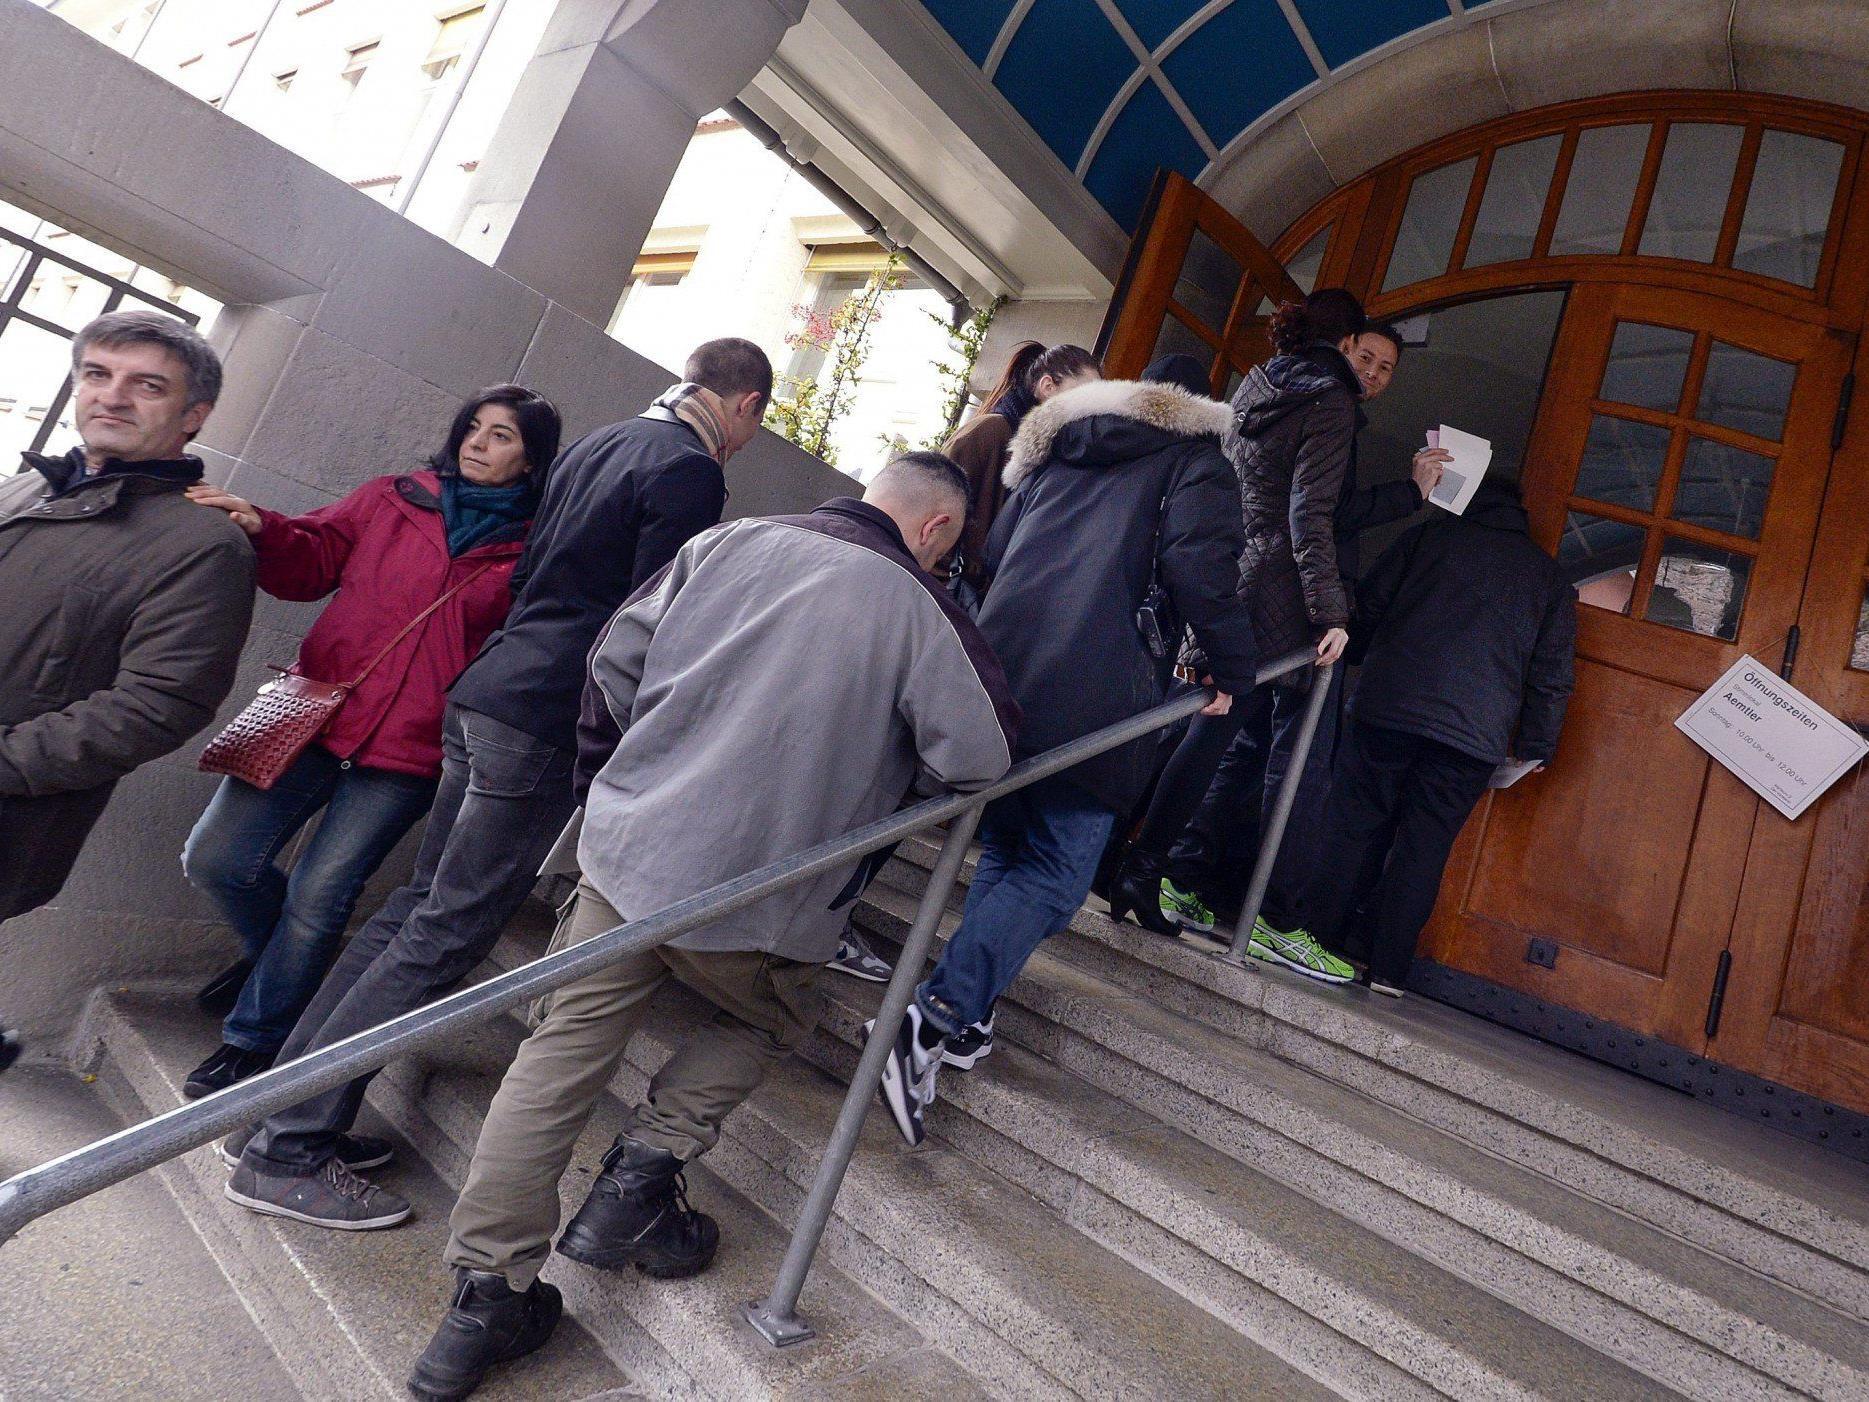 Die Schweizer entscheiden über die mögliche Wiedereinführung von Zuwanderungsquoten.